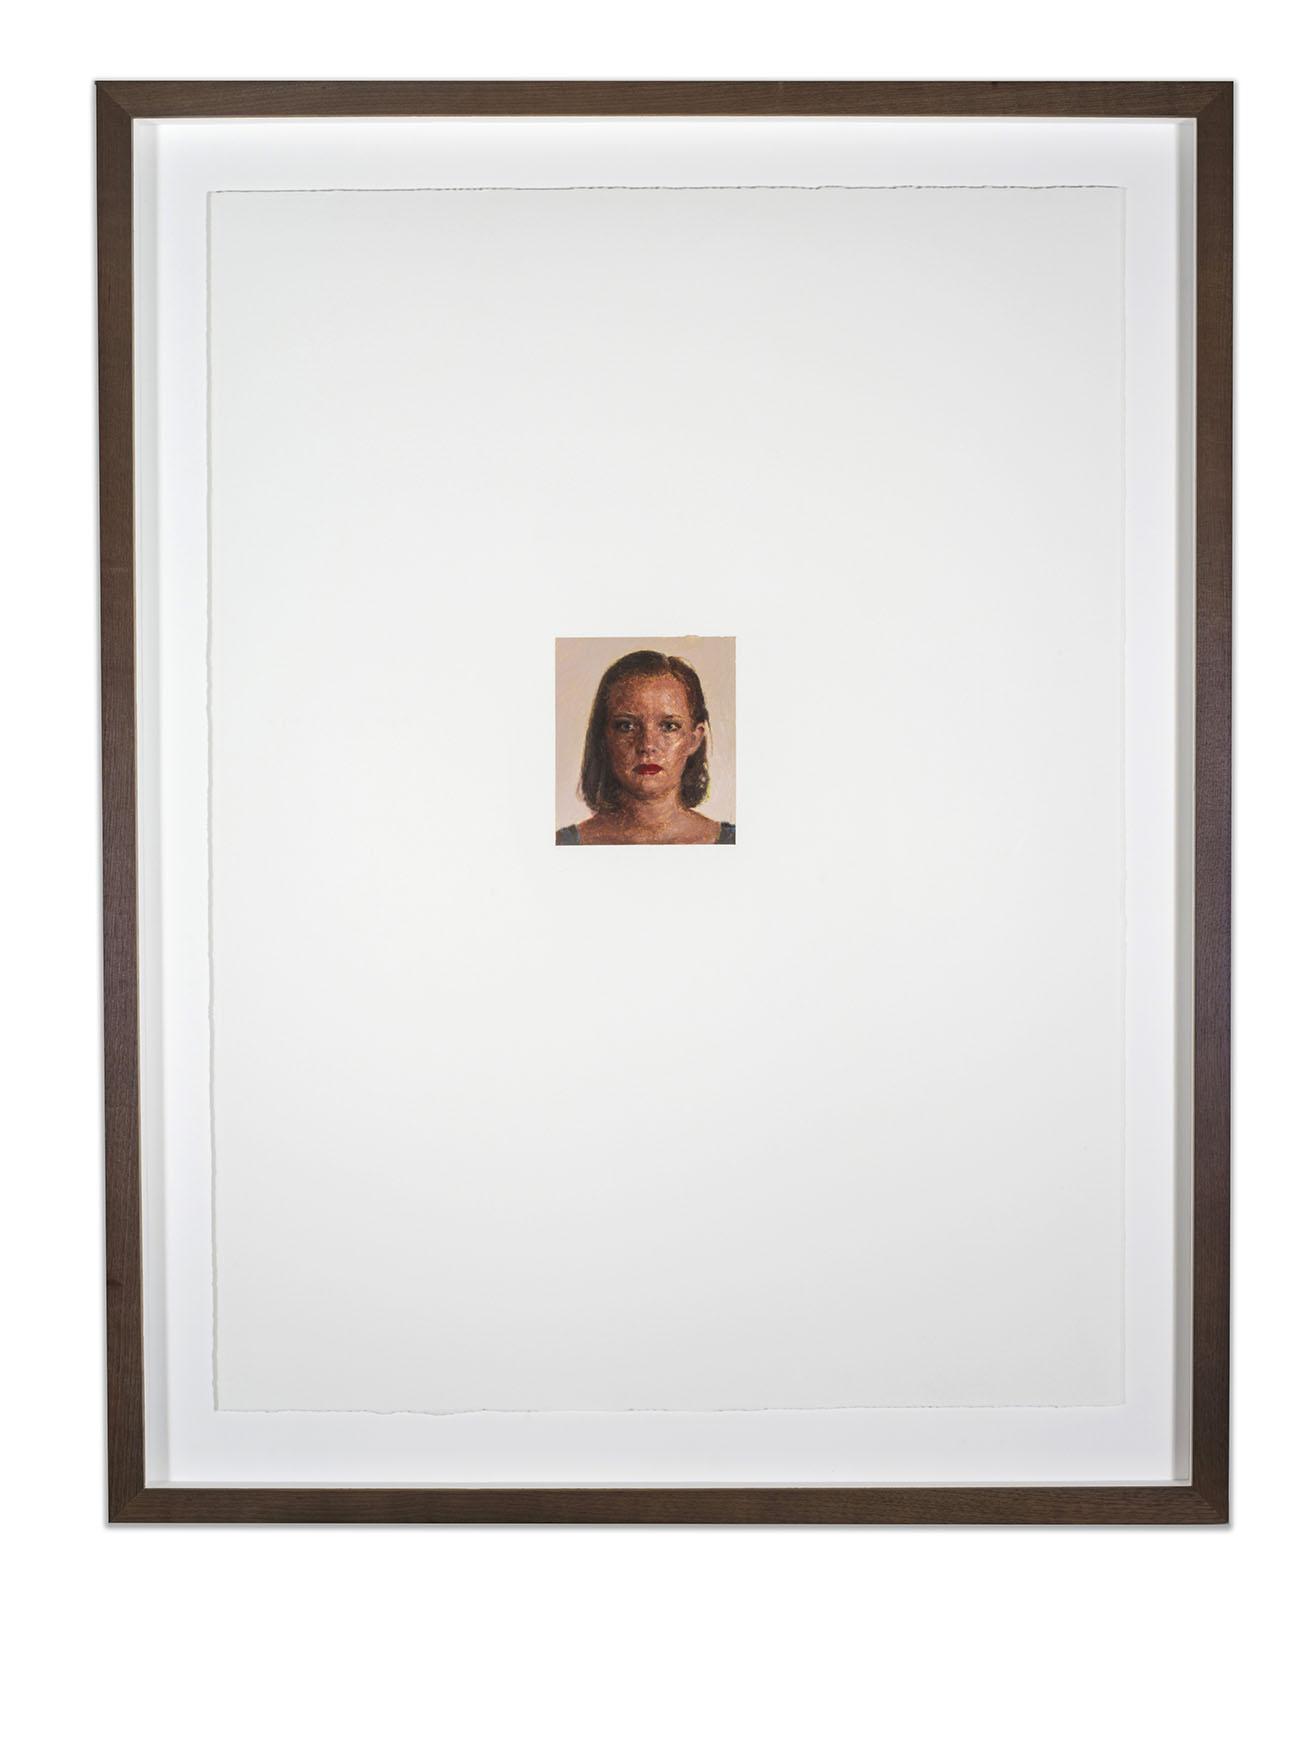 Copy of Portrait of Susan Frances Fragar, oil on papoer, 67.5 x 50 cm, (image 10 x 11.5 cm), 2016. (Private collection).